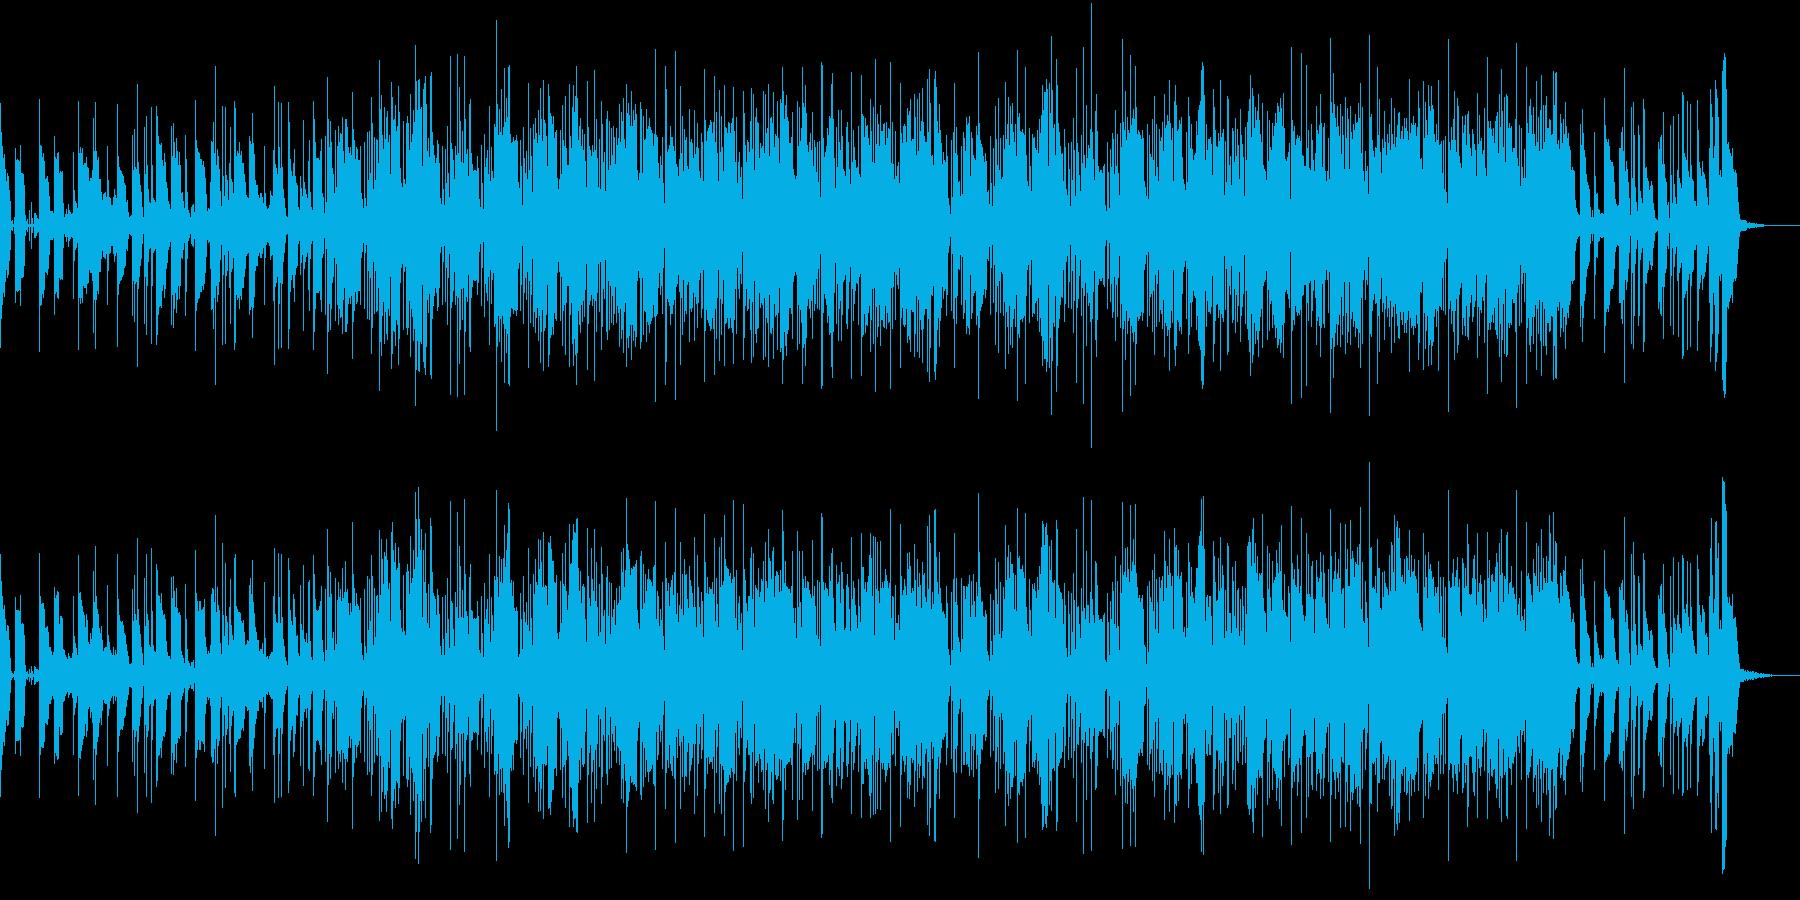 重たいベースとミステリアスシンセリードの再生済みの波形